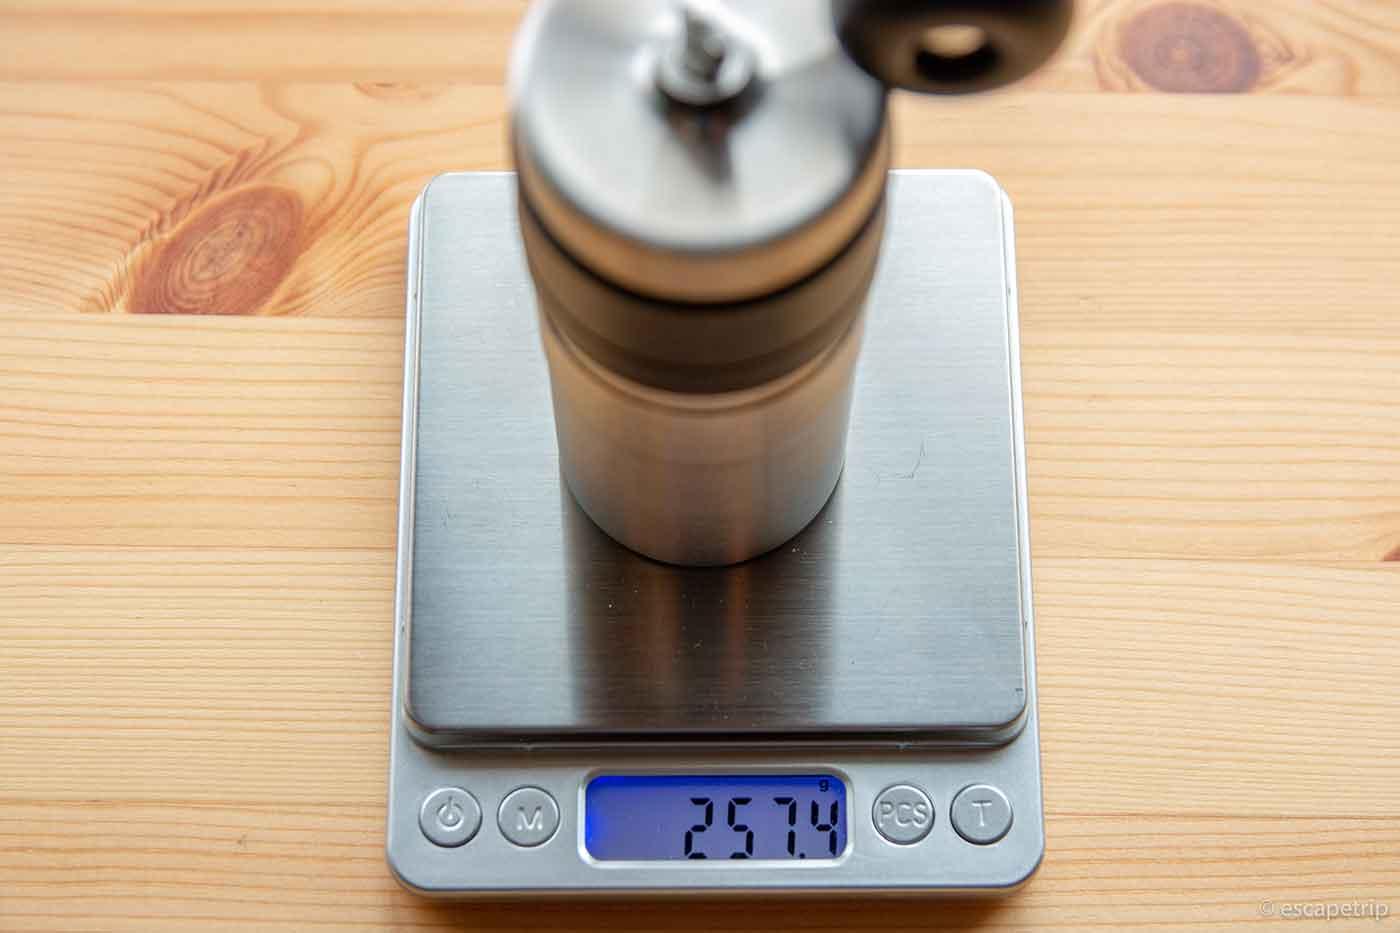 ポーレックスのコーヒーミル2の重量